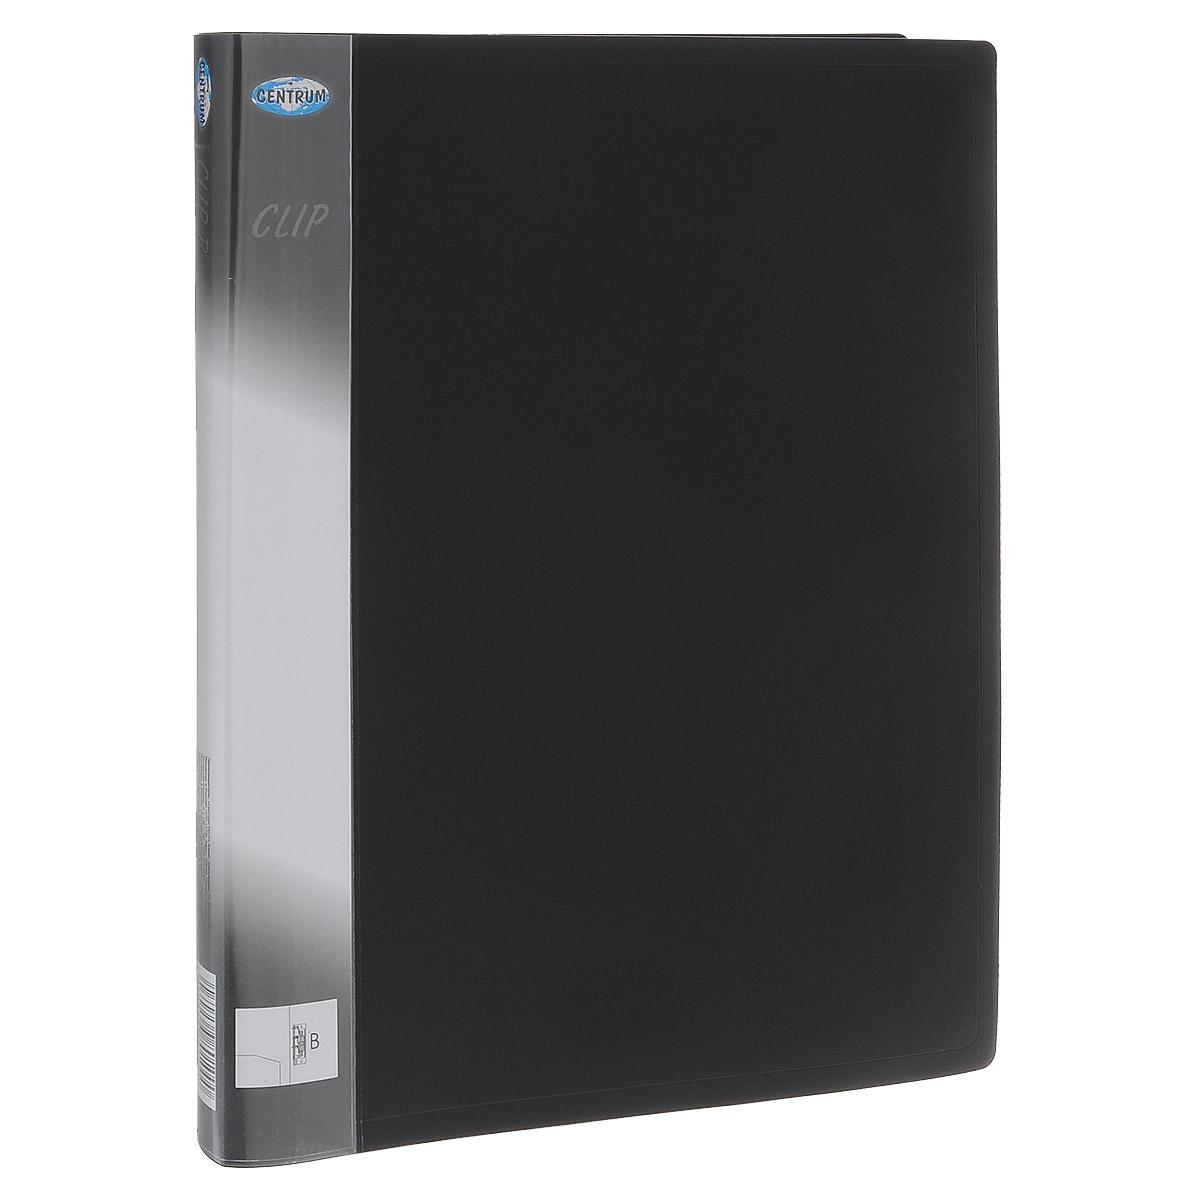 Папка с боковым зажимом Centrum Clip, цвет: черный. Формат А4FS-36052Папка с боковым зажимом Centrum Clip - это удобный и практичный офисный инструмент,предназначенный для хранения и транспортировки рабочих бумаг и документов формата А4.Папка изготовлена из прочного пластика и оснащена металлическим зажимом и внутренним прозрачным кармашком.Папка с боковым зажимом - это незаменимый атрибут для студента, школьника, офисного работника. Такая папка надежно сохранит ваши документы и сбережет их от повреждений, пыли и влаги.